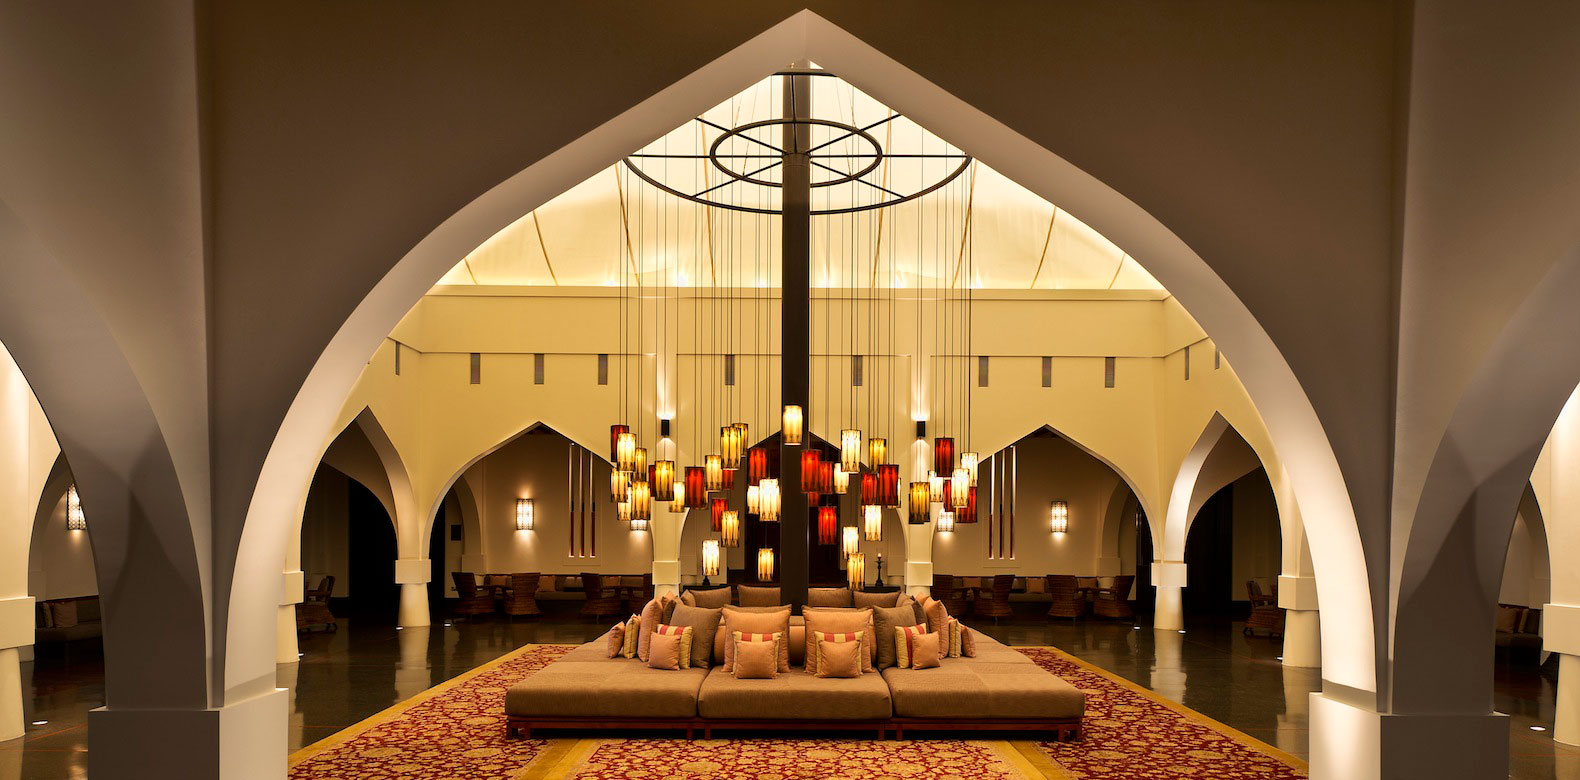 Luxury Hotels Worldwide Dlw Hotels Five Star Resorts 5 Star Hotels Worldwide Dlw Luxury Hotels Worldwide Luxury Resort 5 Star Hotel Dlw Hotel Official Website Muscat Oman 5 Sterne Hotel Oman Muscat